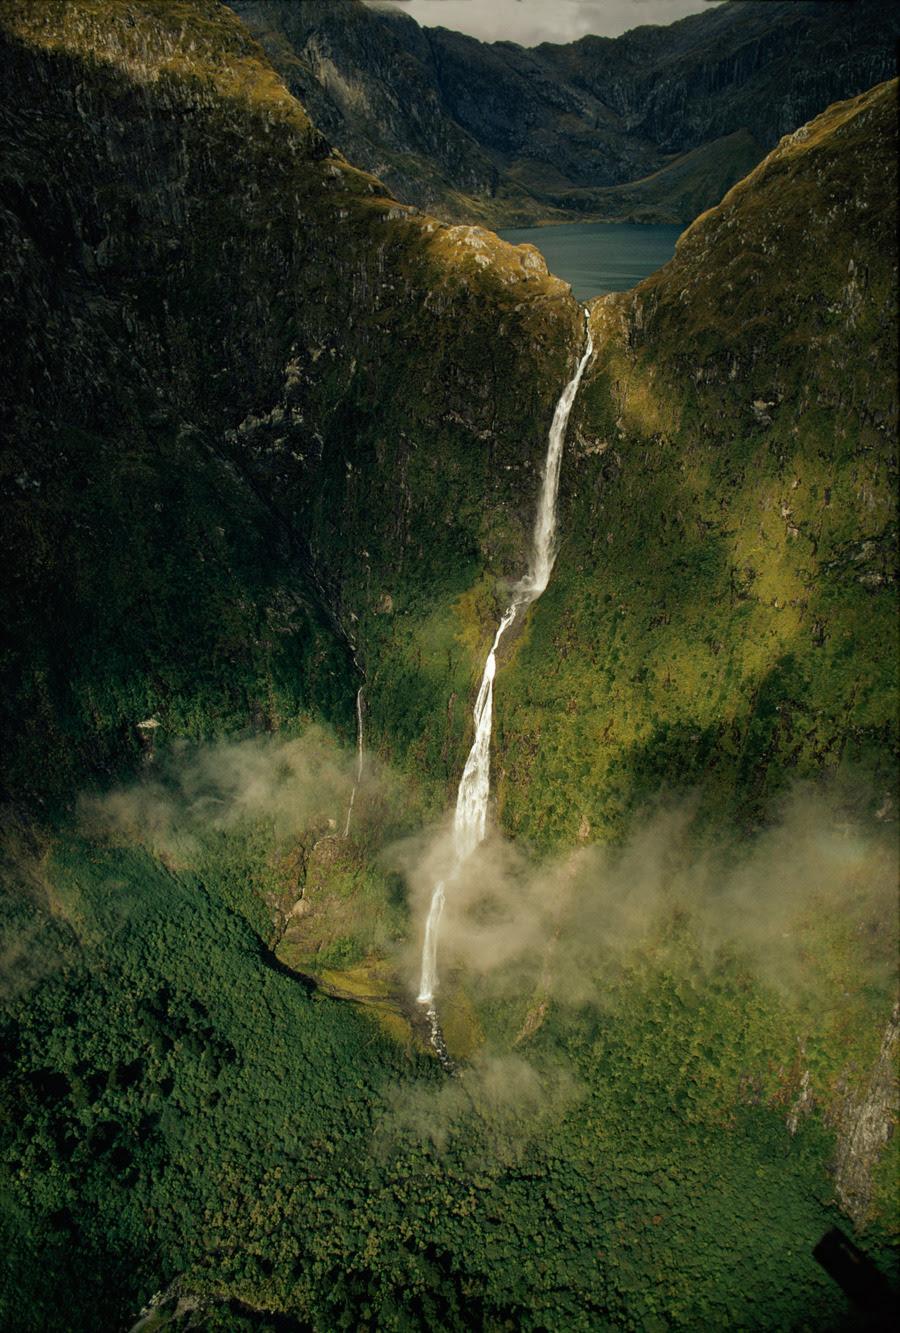 Sutherland Falls truena por una caída de 1.904 metros desde el Lago Quill en Nueva Zelanda, enero 1972.Photograph por James L. Amos, National Geographic